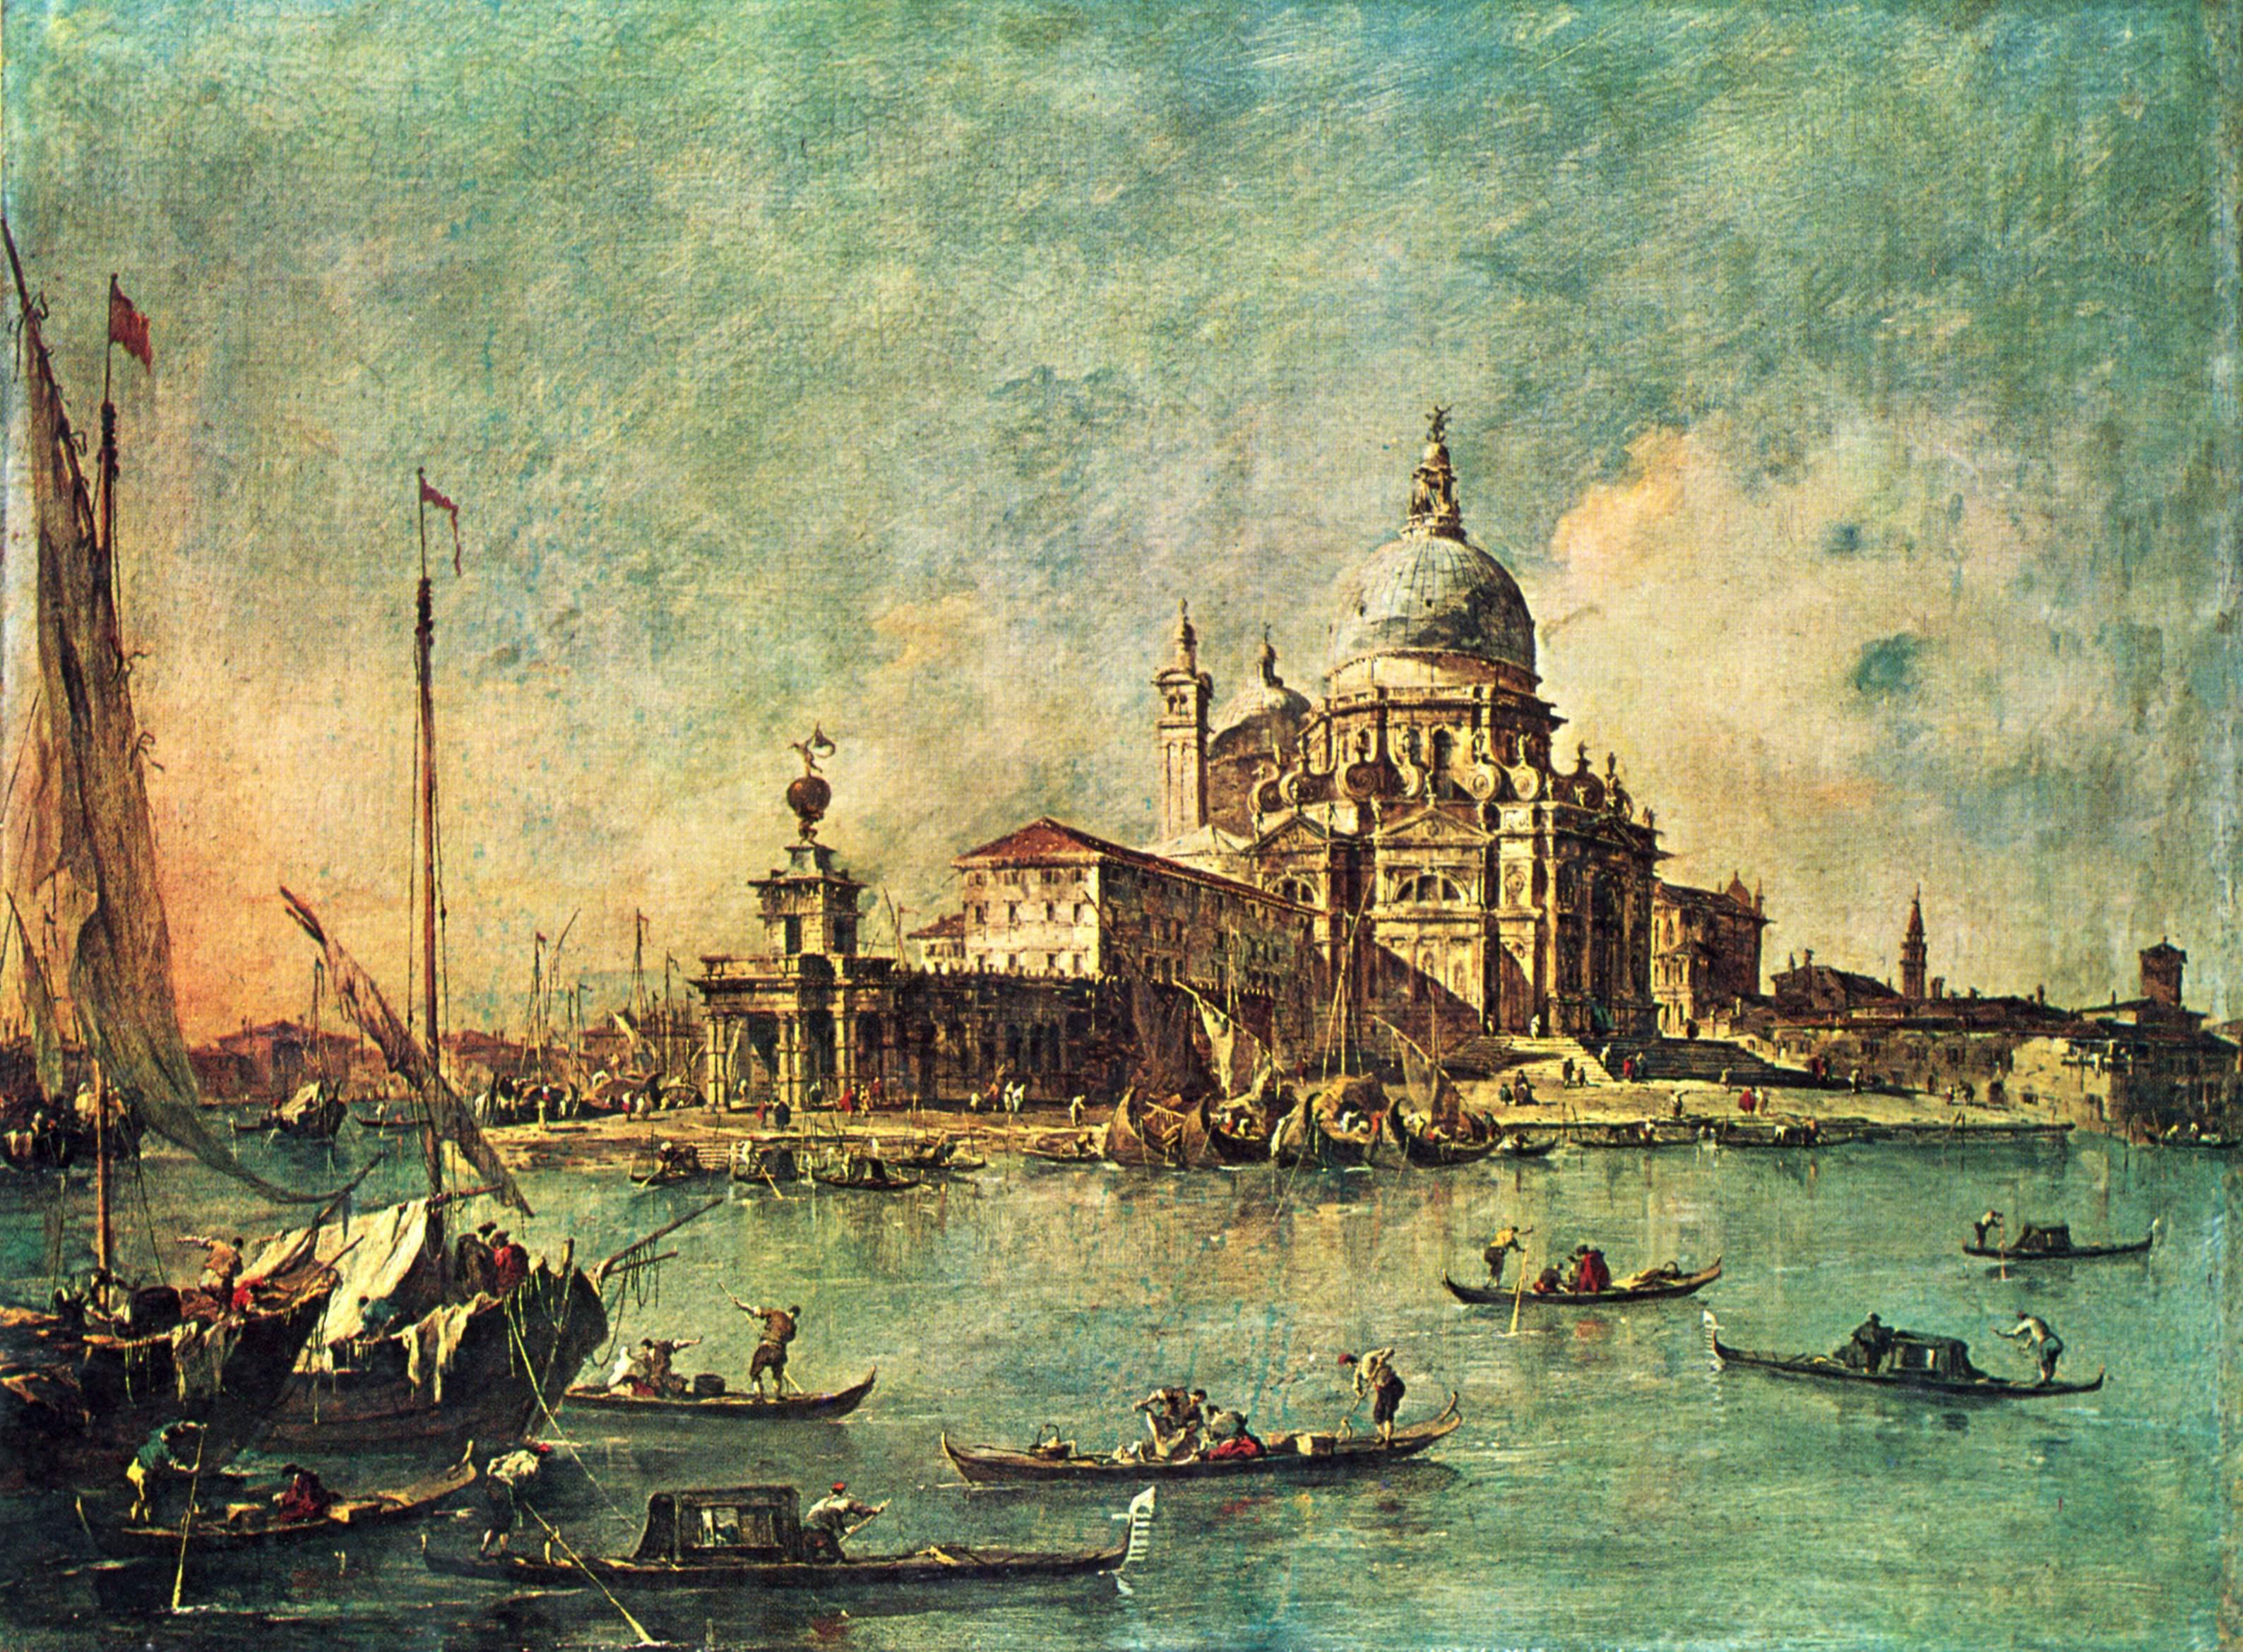 3. Vista de la Punta della Dogana en dirección a la Chiesa della Salute, Guardi